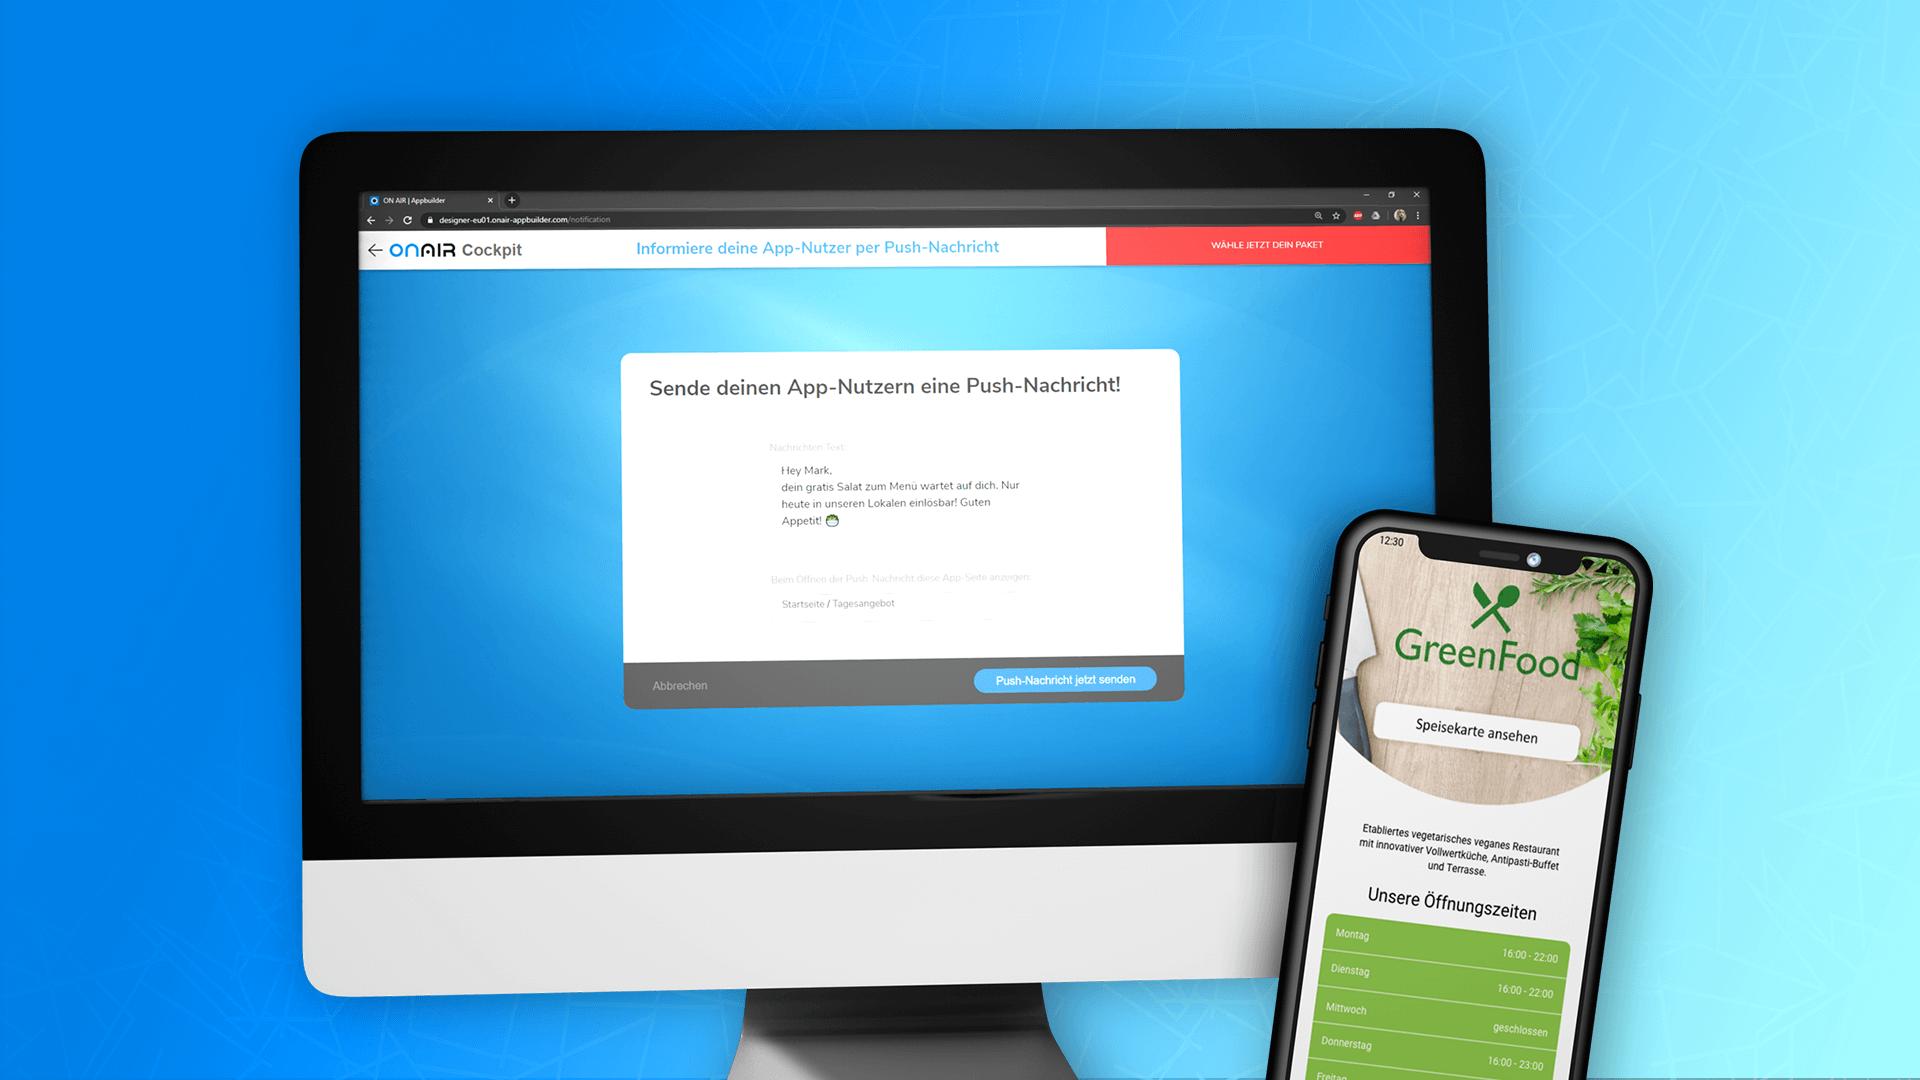 ON AIR Appbilder - Push-Nachrichten über den Appbuilder versenden